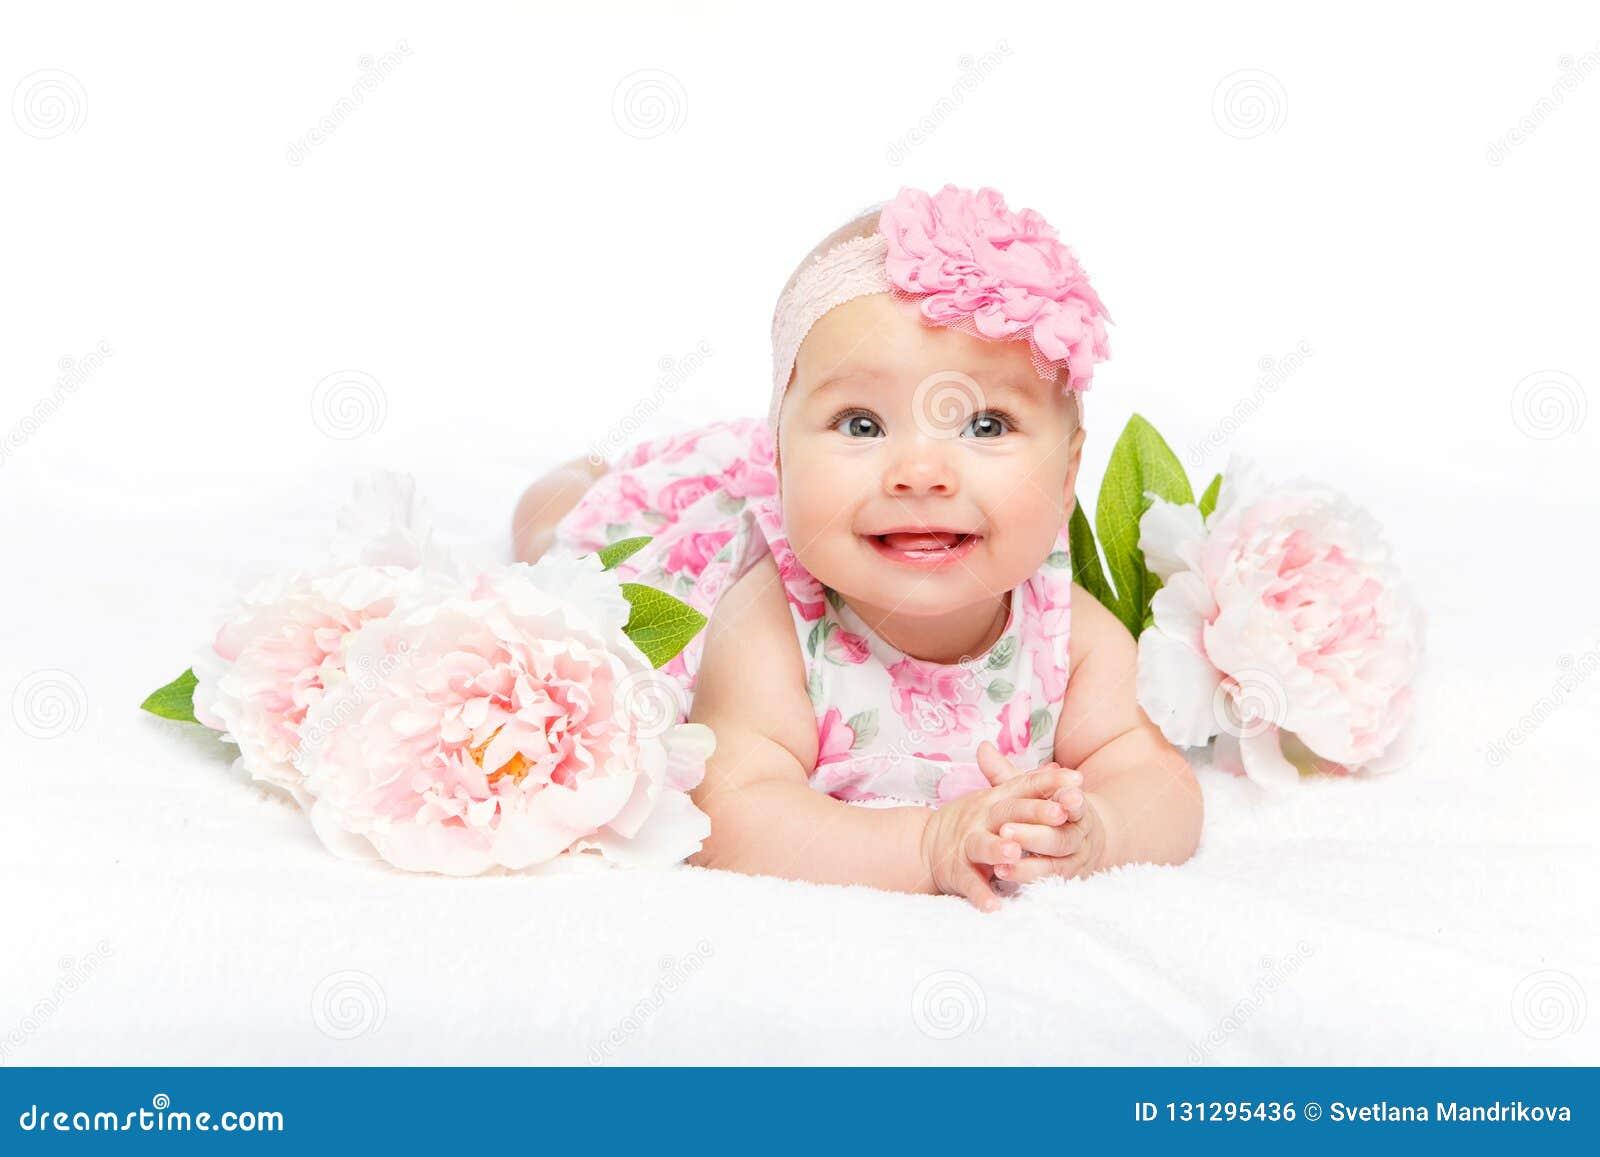 Lyckligt härligt behandla som ett barn flickan med blomman på huvudet